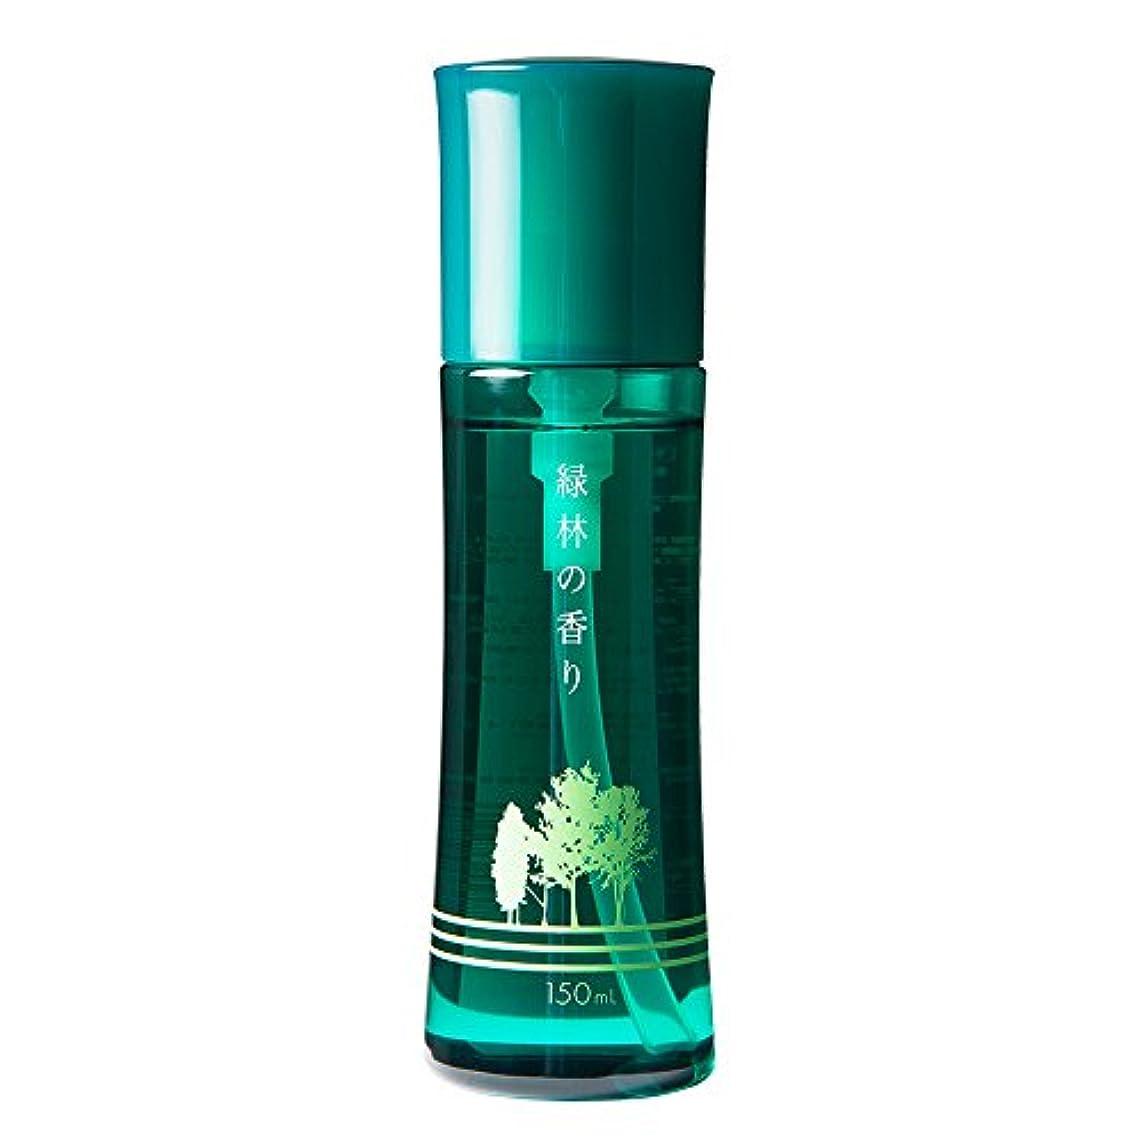 アジア人愚か敷居芳香剤「緑林の香り(みどりの香り)」150mL 日本予防医薬